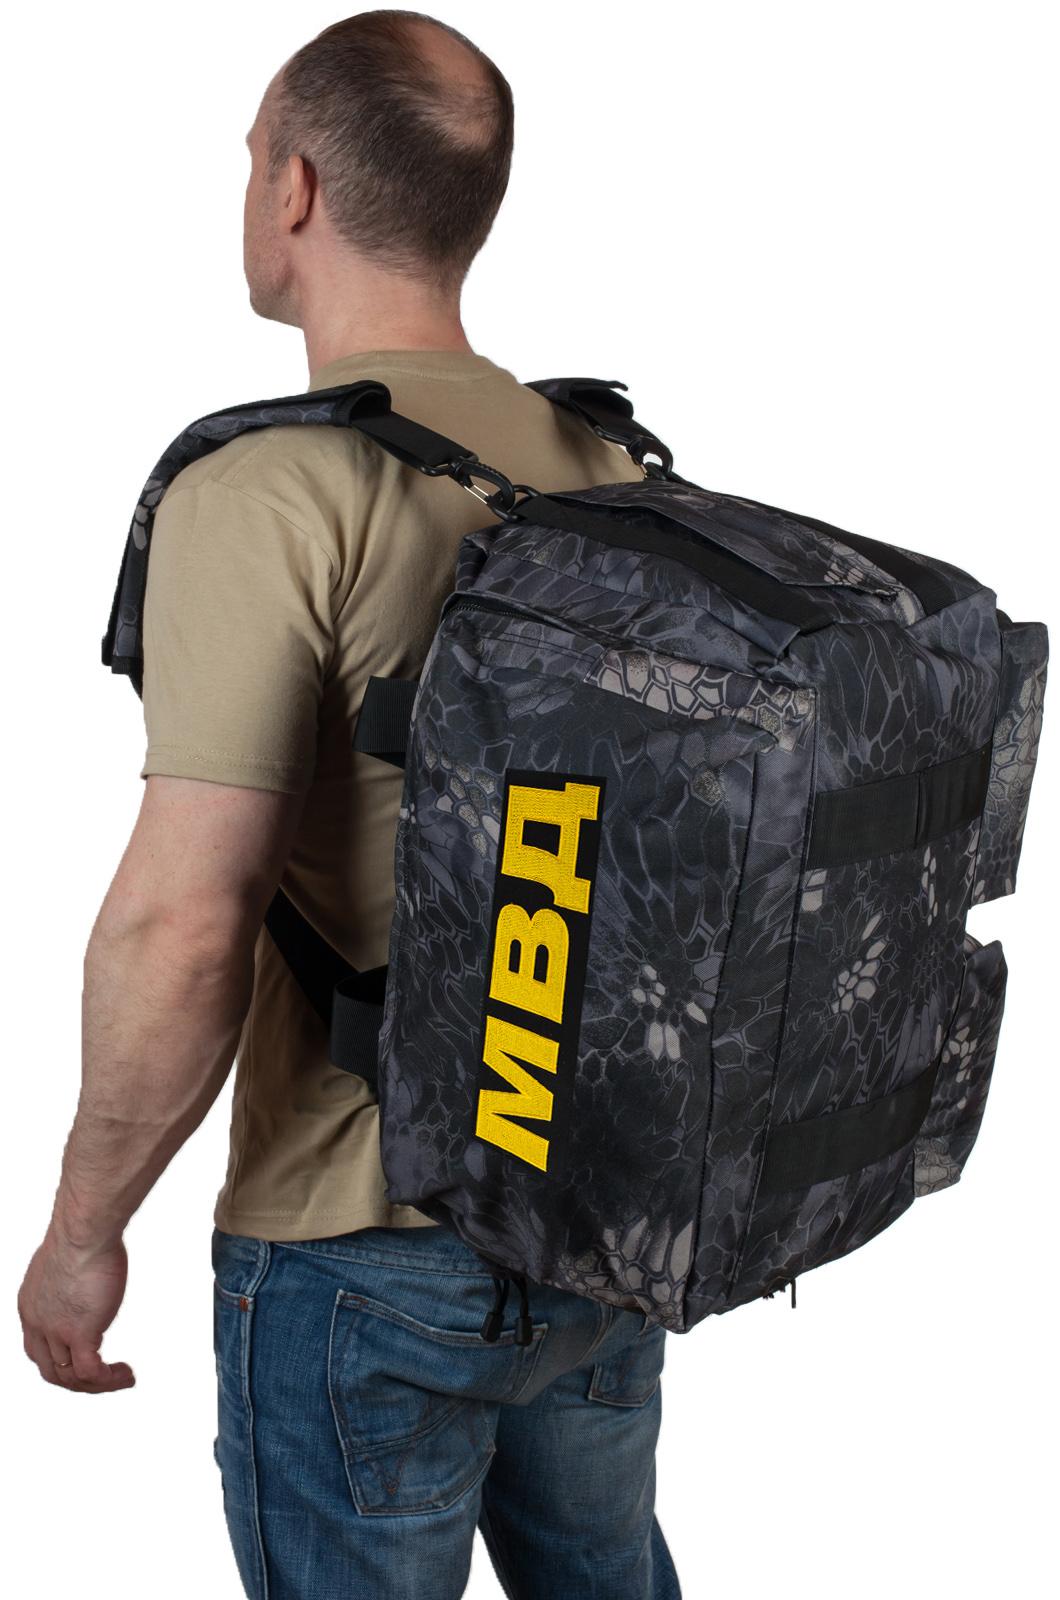 Купить военную заплечную сумку МВД по выгодной цене онлайн